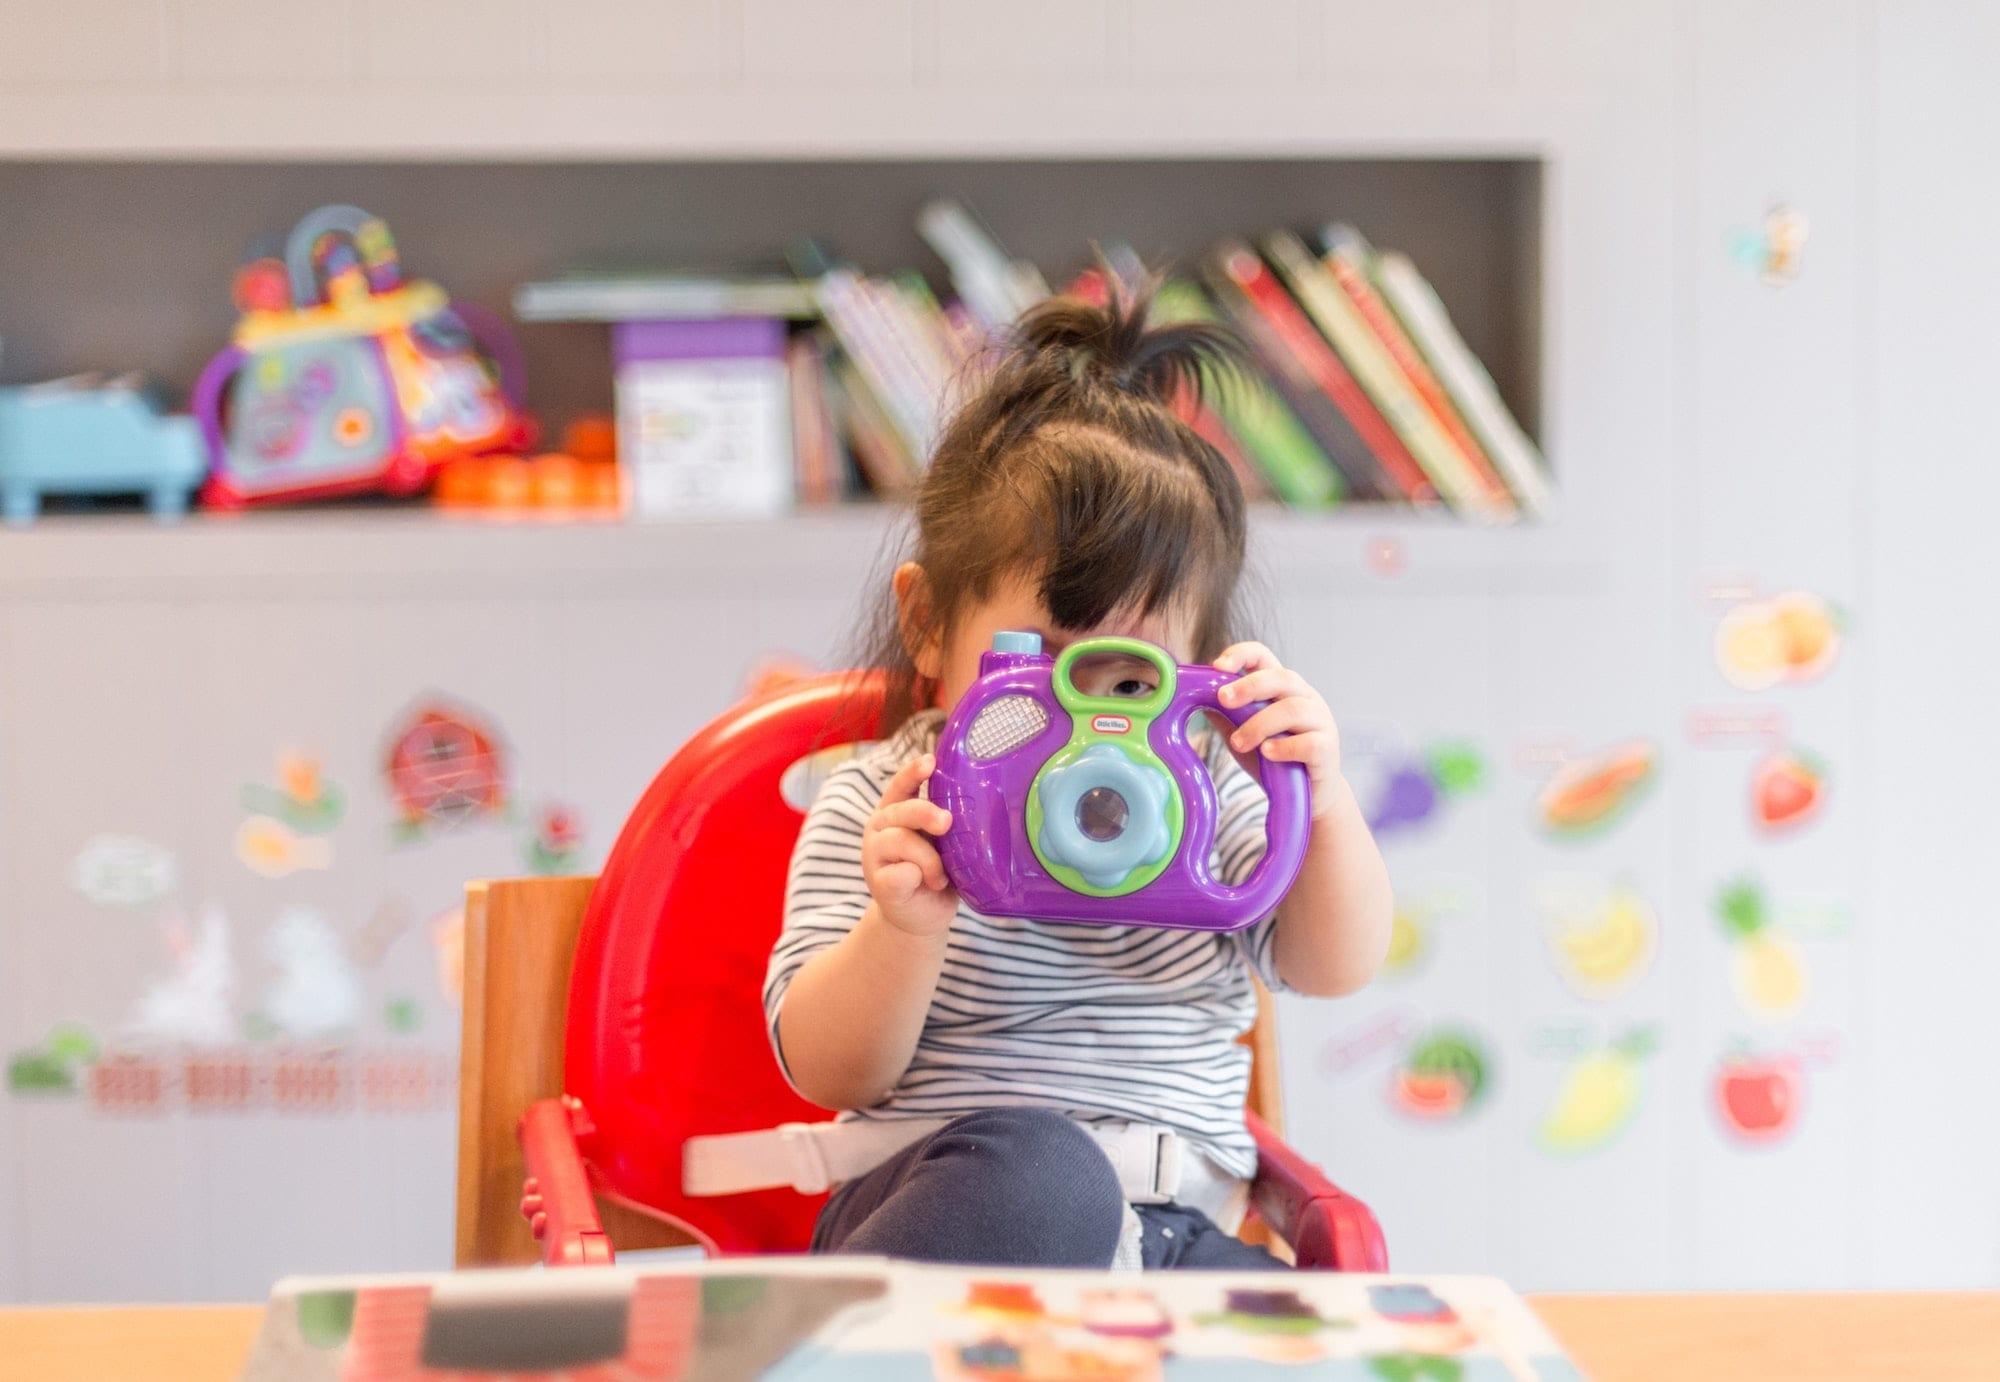 Khi con nhạy cảm và chậm thích nghi, bố mẹ cần nhớ điều gì?